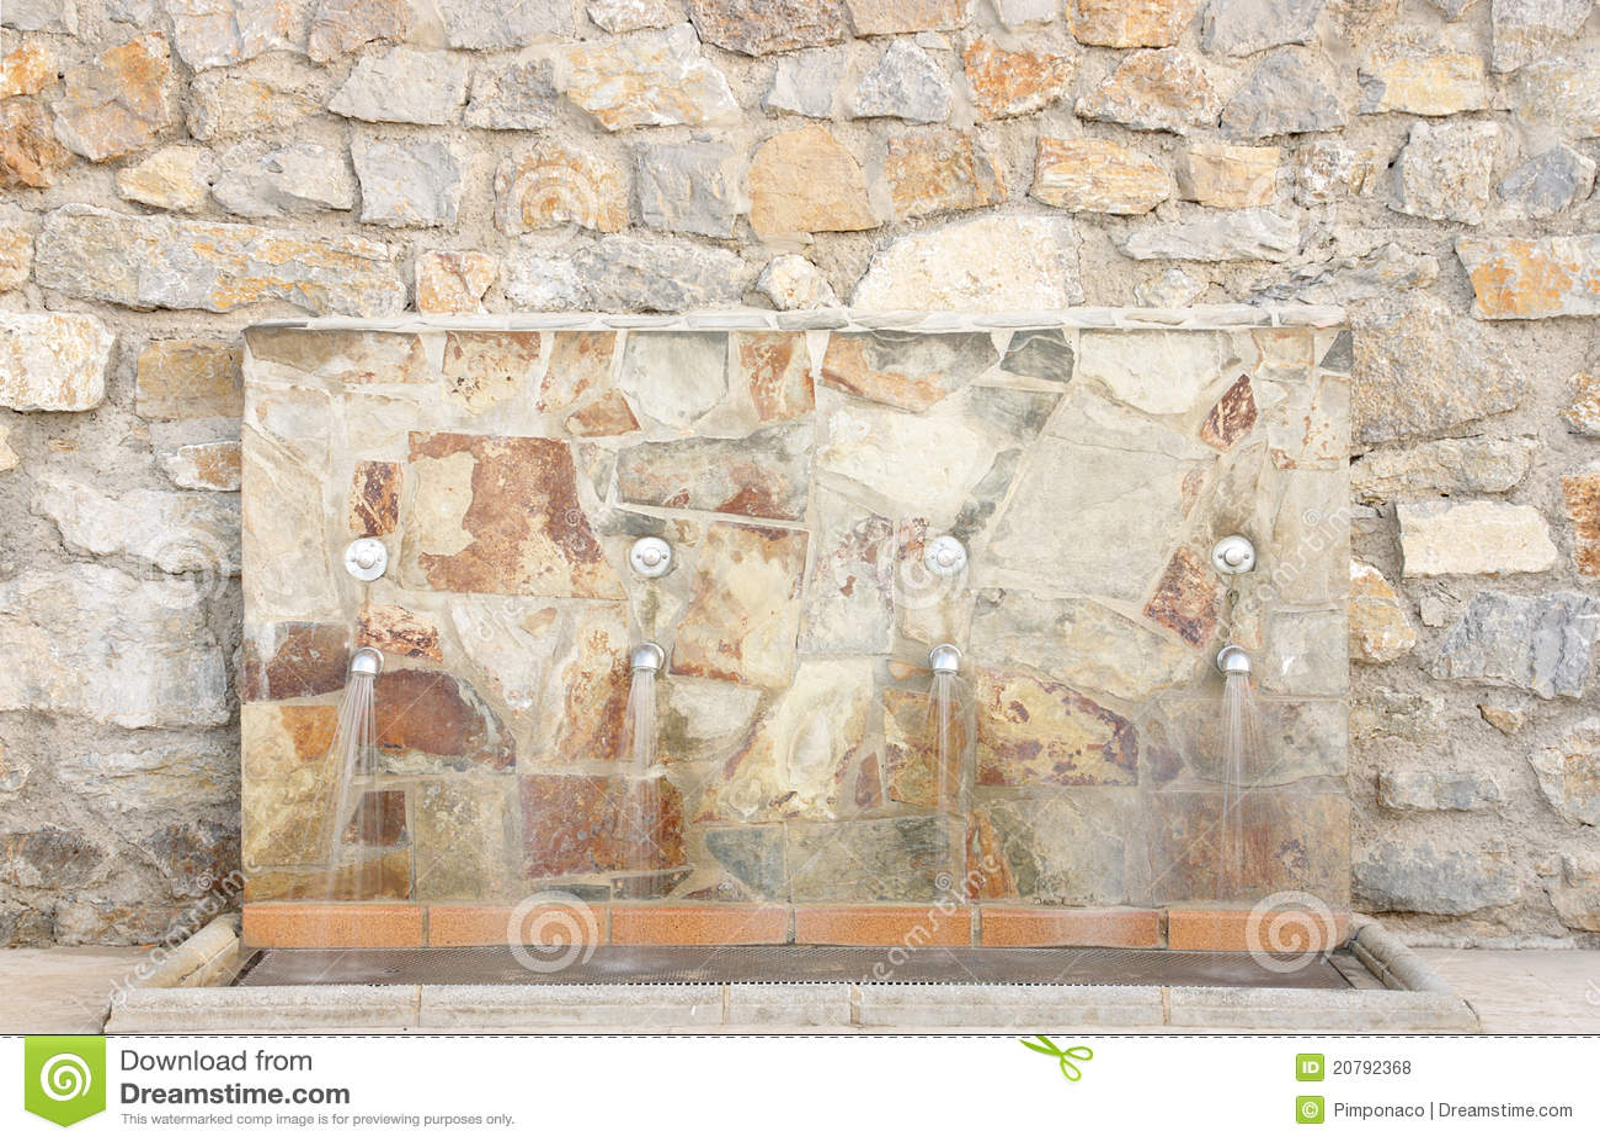 Fuente de agua en la pared de la piedra foto de archivo - Fuentes de pared de piedra ...